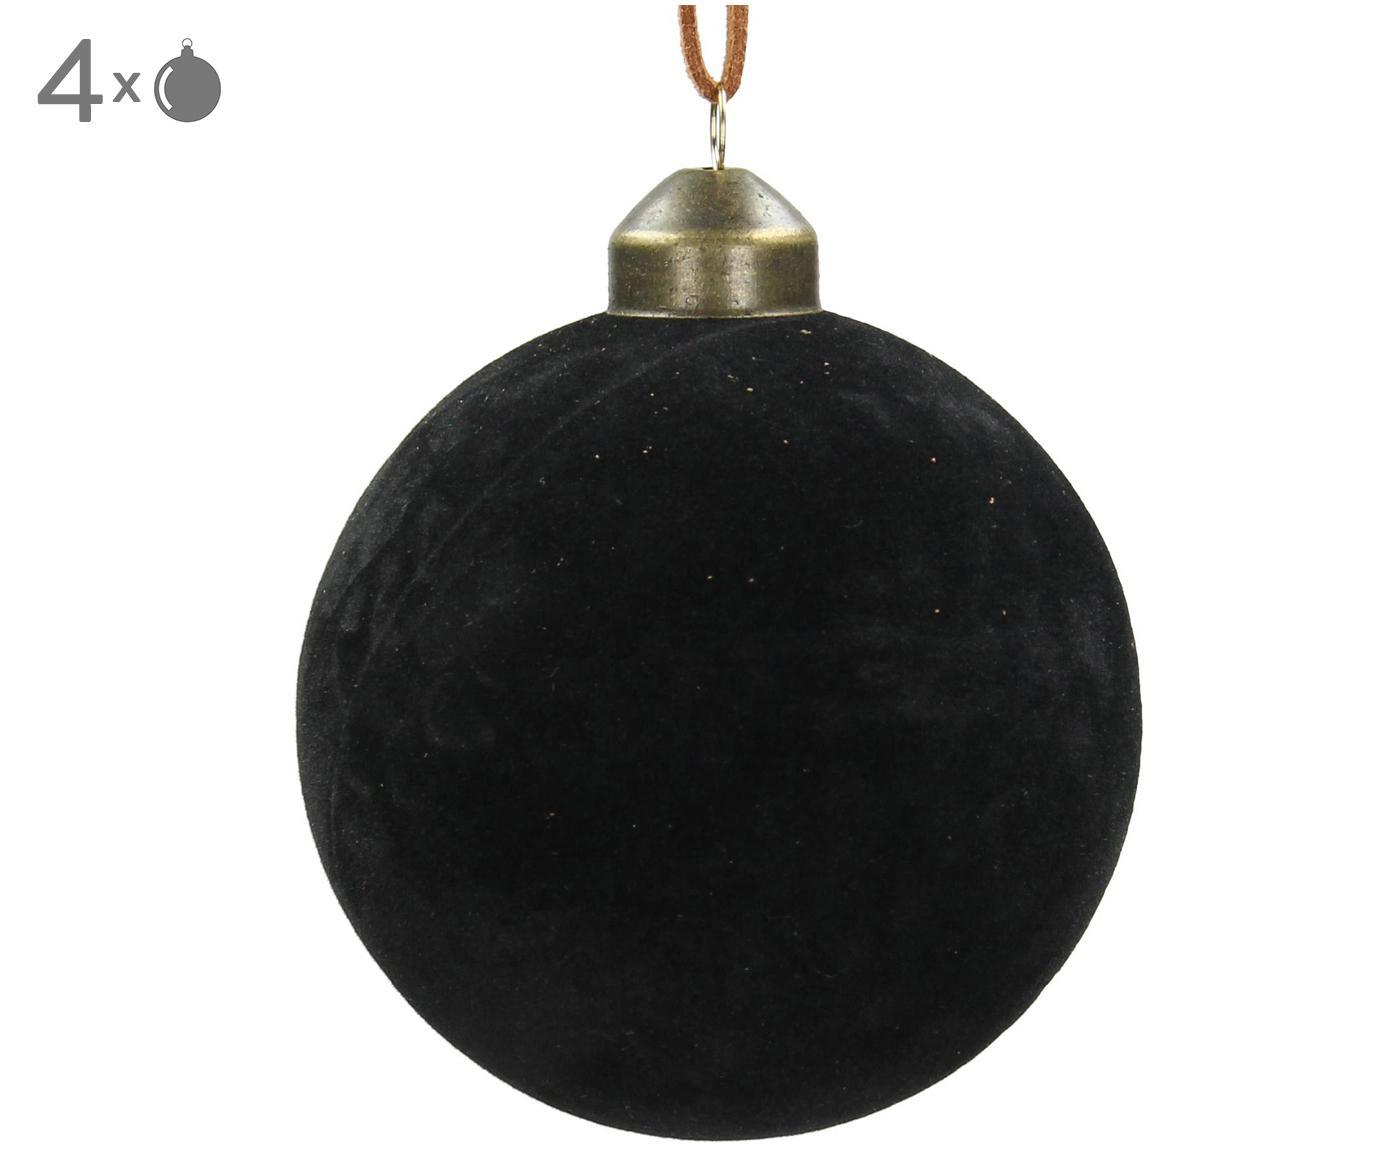 Weihnachtskugeln Velvet, 4 Stück, Glas, Polyestersamt, Schwarz, Ø 8 cm